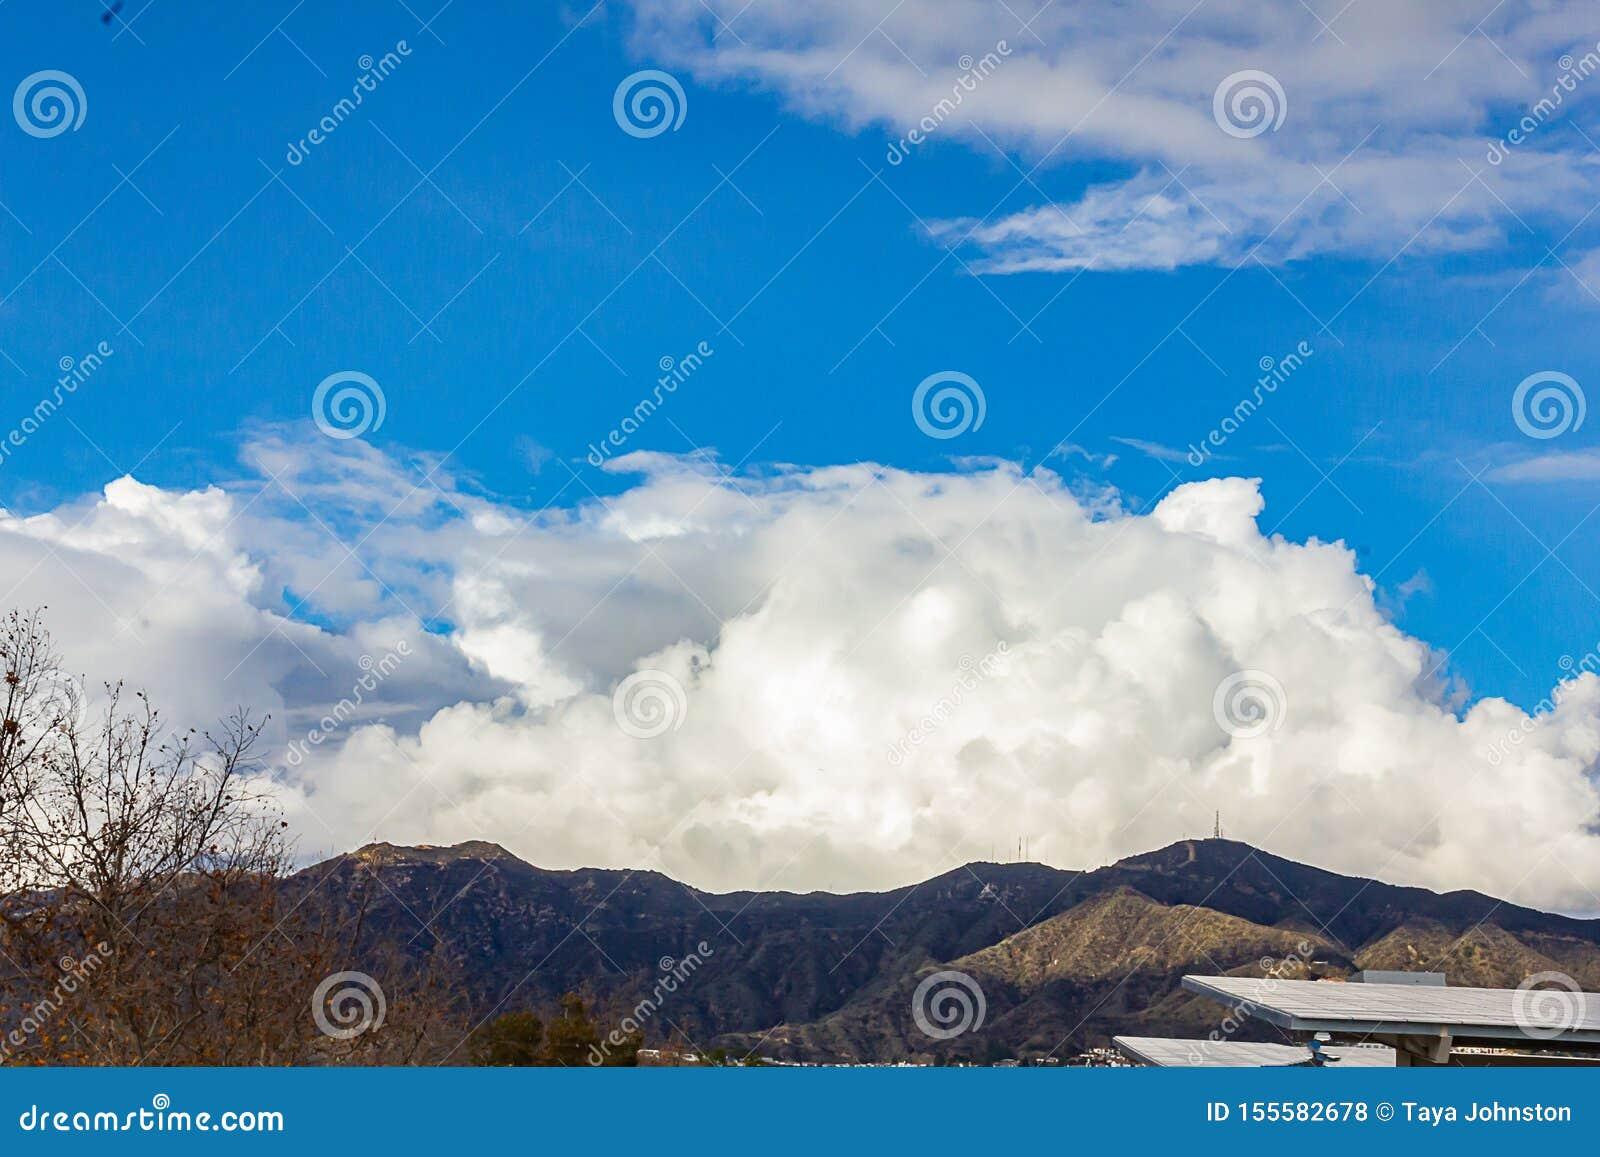 Cumulos, nimbus, nuvole con le montagne della cresta di Angeles, cielo blu, luce solare, pannelli solari